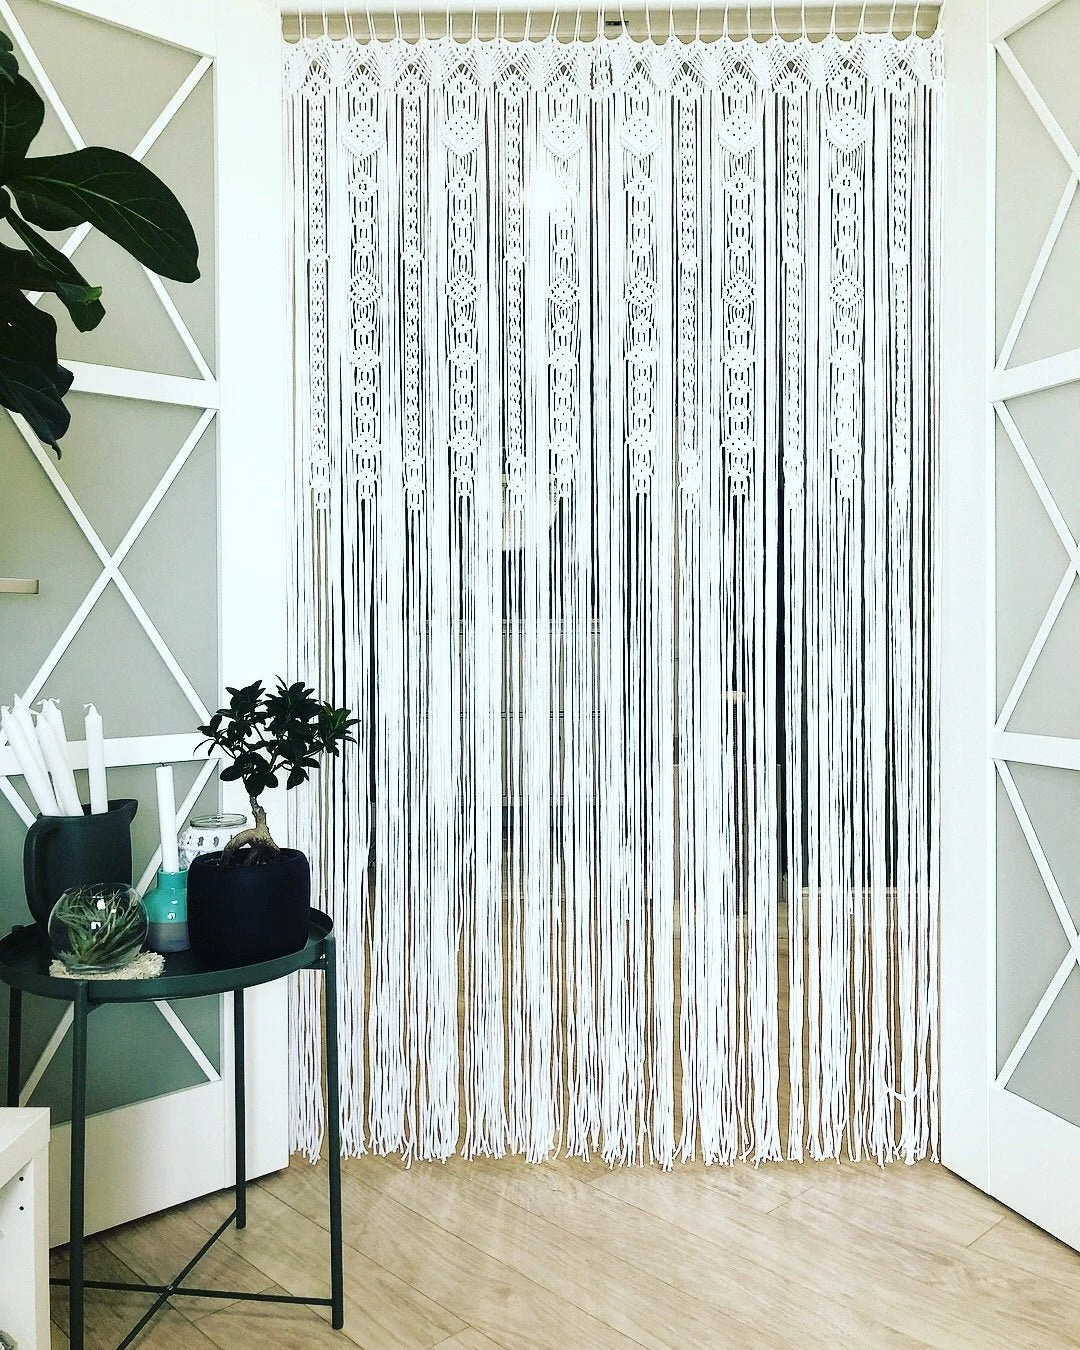 grands rideaux de porte macrame de 2 ou 1 panneaux rideau d entree crochete rideau de fenetre de macrame grand macrame boho toile de fond de